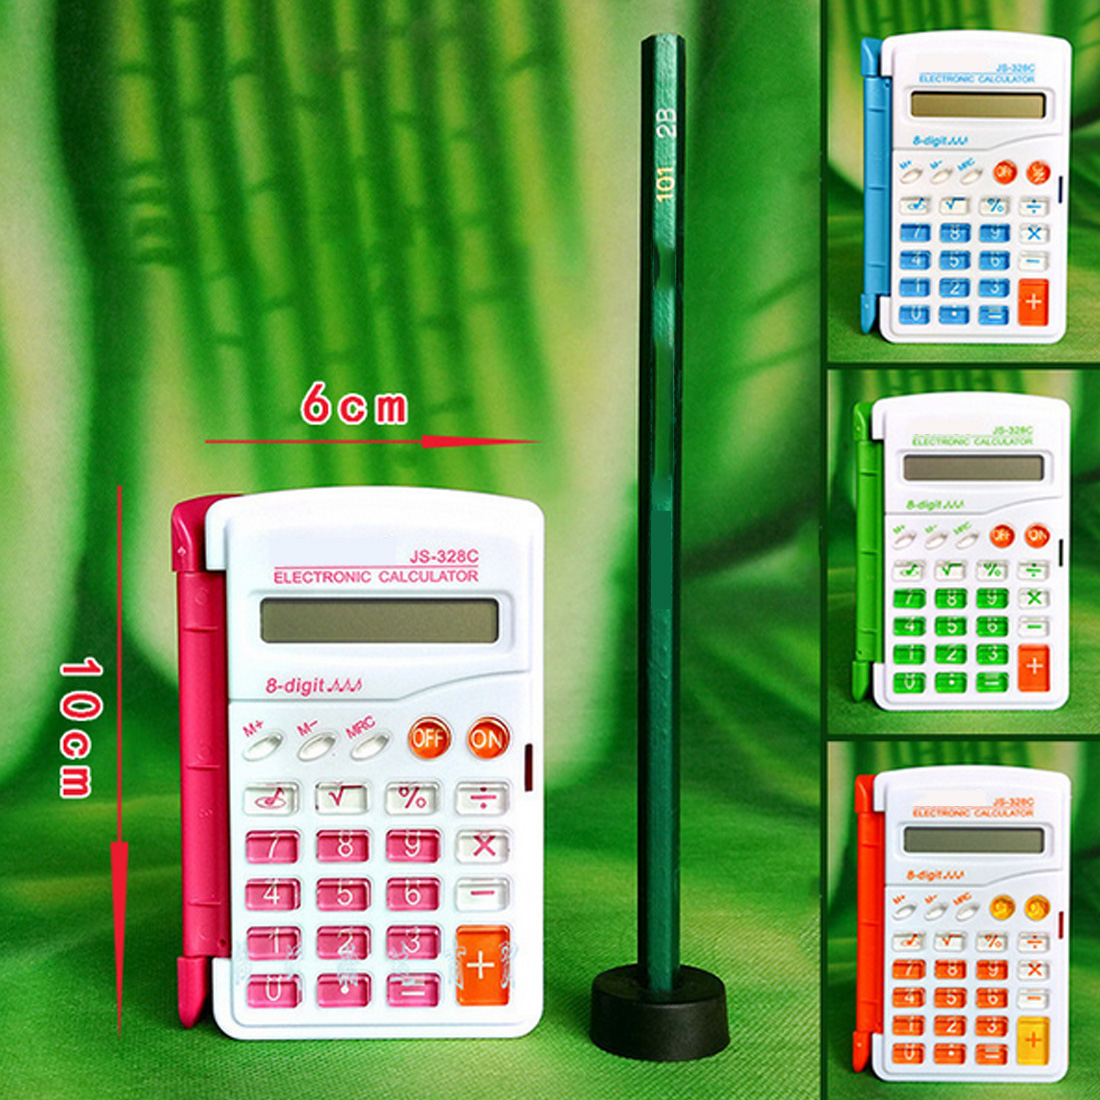 Noyokere хороший Карамельный цвет офисные мини-научный калькулятор школьников Функция калькулятор multi Функция al часы калькулятор